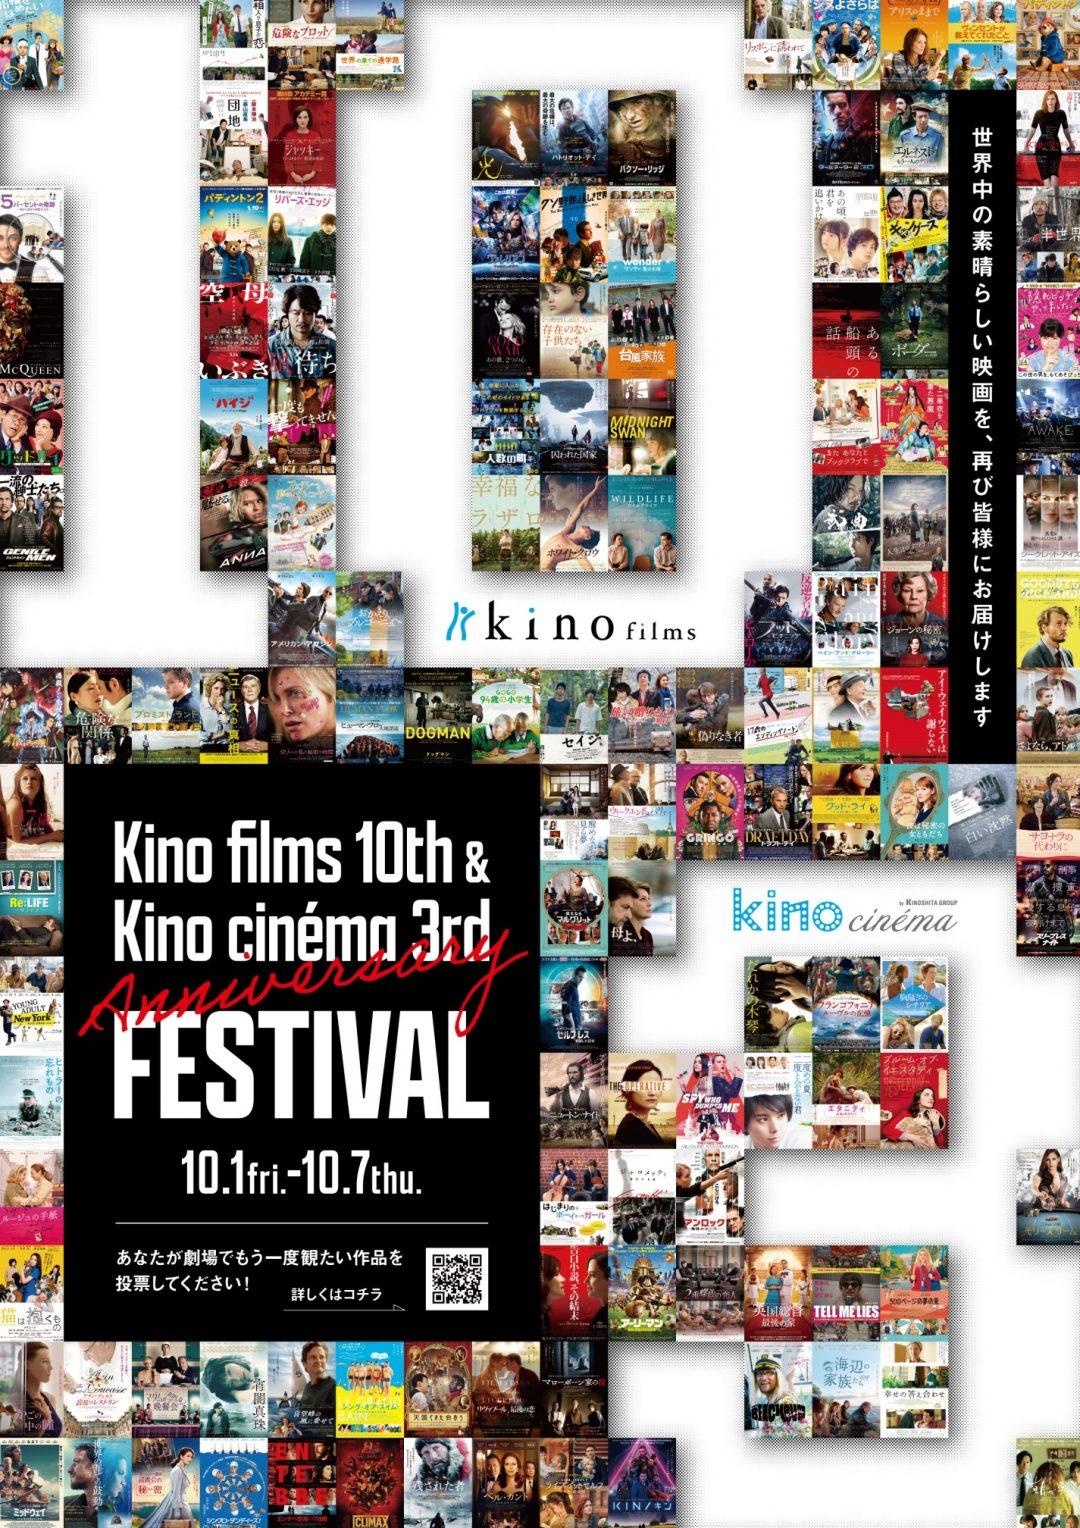 名作を劇場で再び!「キノフィルムズ10周年&キノシネマ3周年記念フェスティバル」の開催が決定